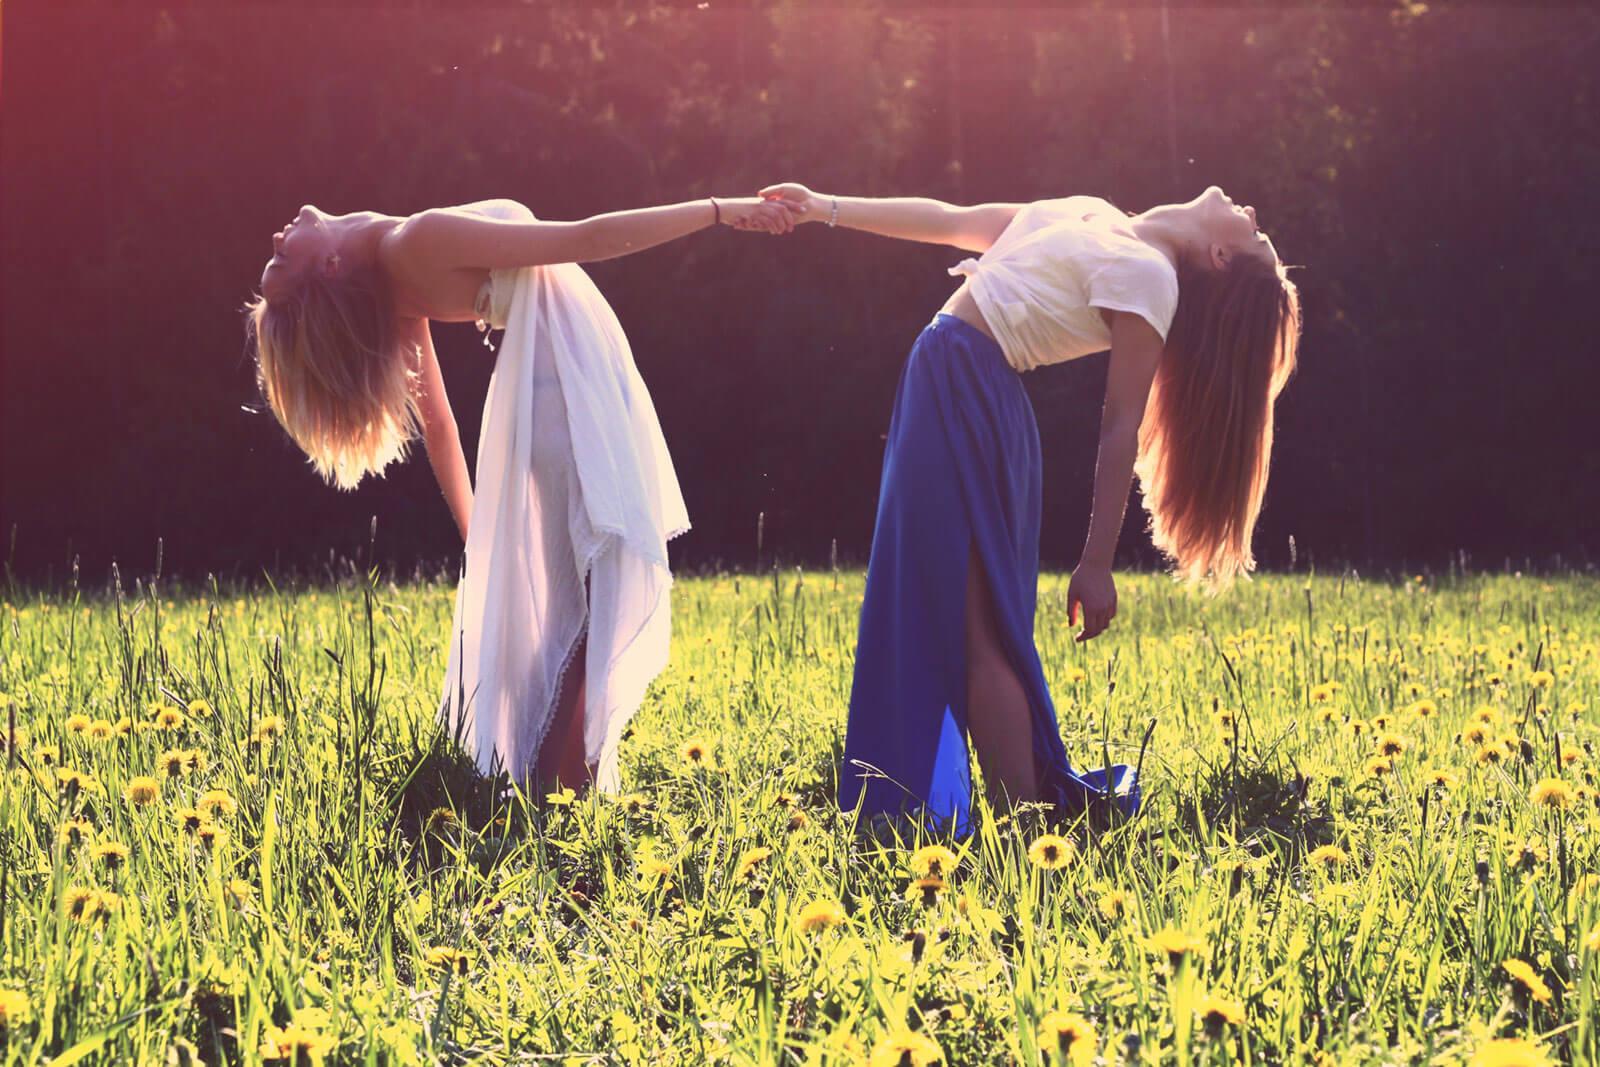 Raparigas de mão dada, num prado florido, um símbolo de educar com liberdade.